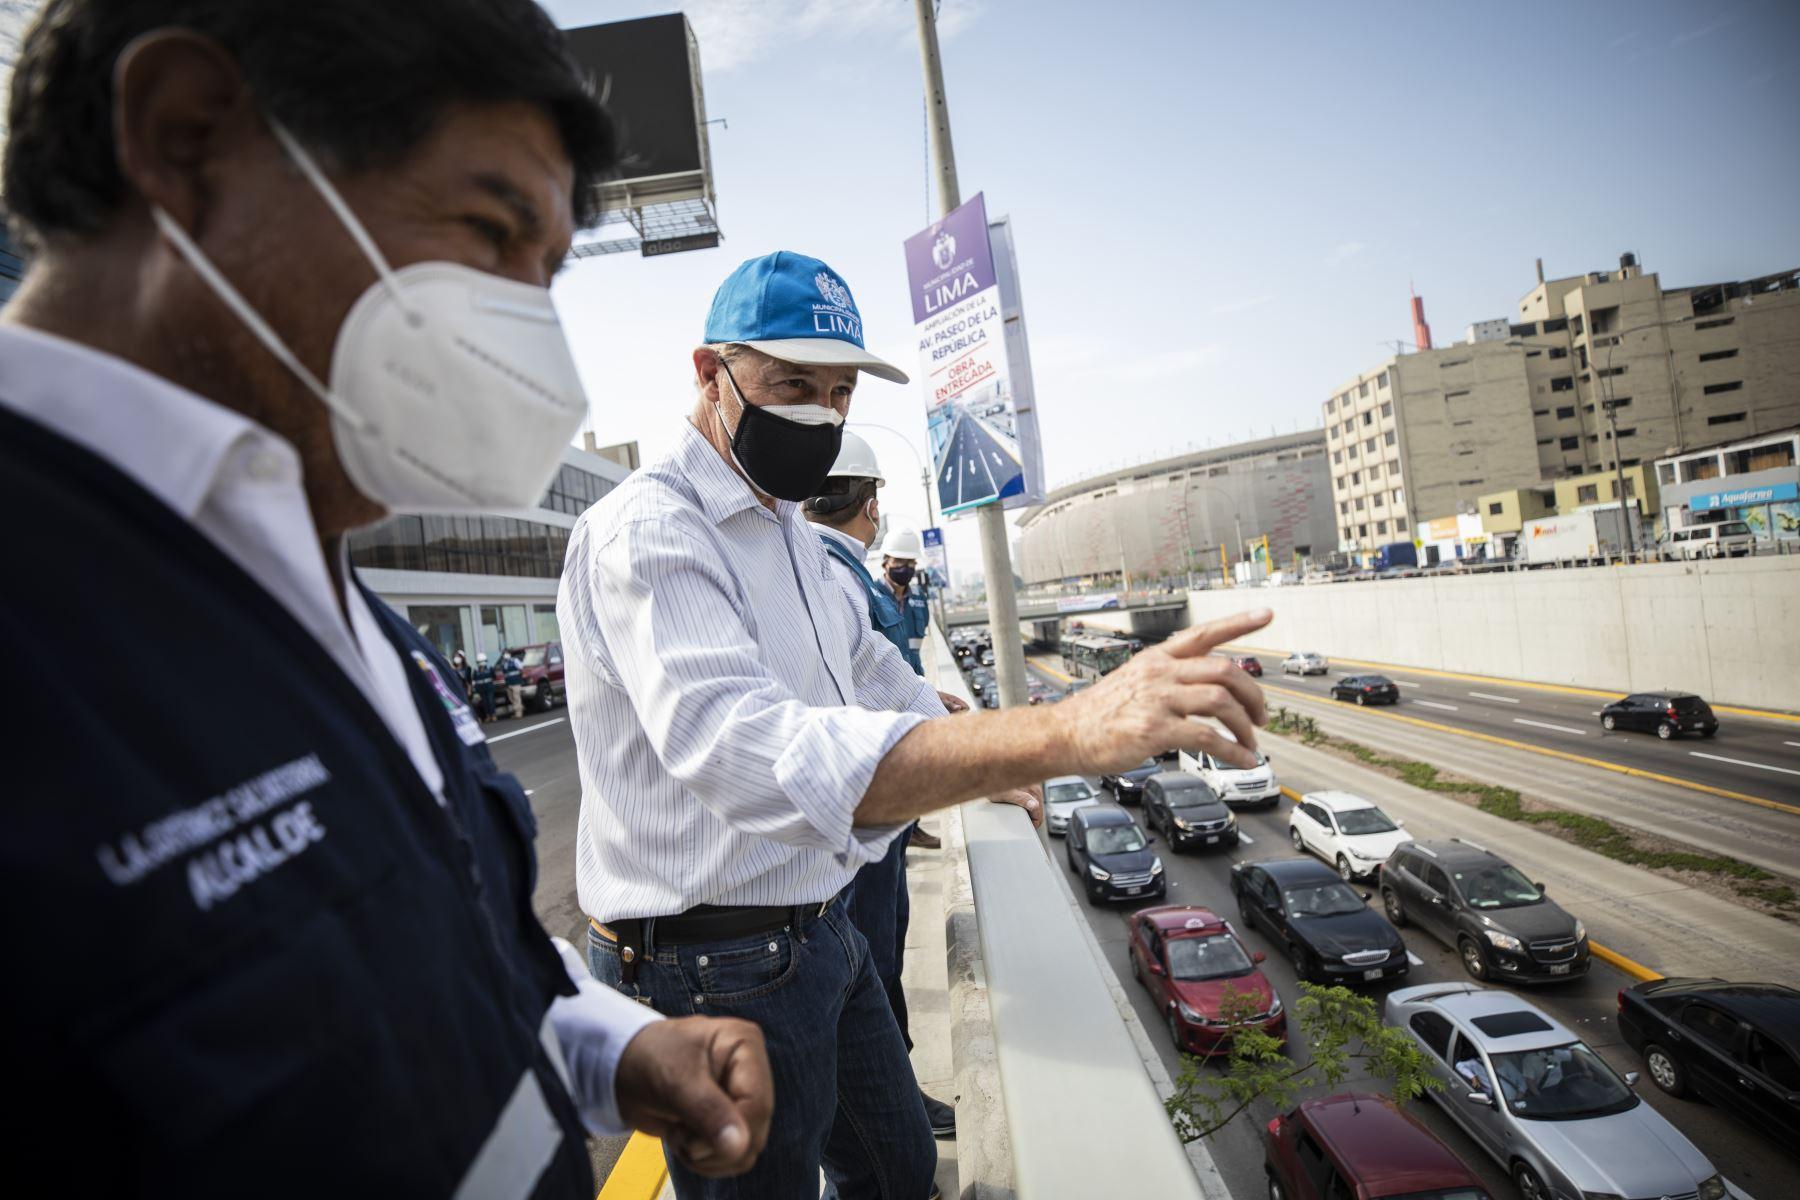 El alcalde de Lima, Jorge Muñoz, inauguró la ampliación de un nuevo tramo de la Av. Paseo de la República, en el límite de los distritos de La Victoria y el Cercado. Foto:ANDINA/Municipalidad de Lima